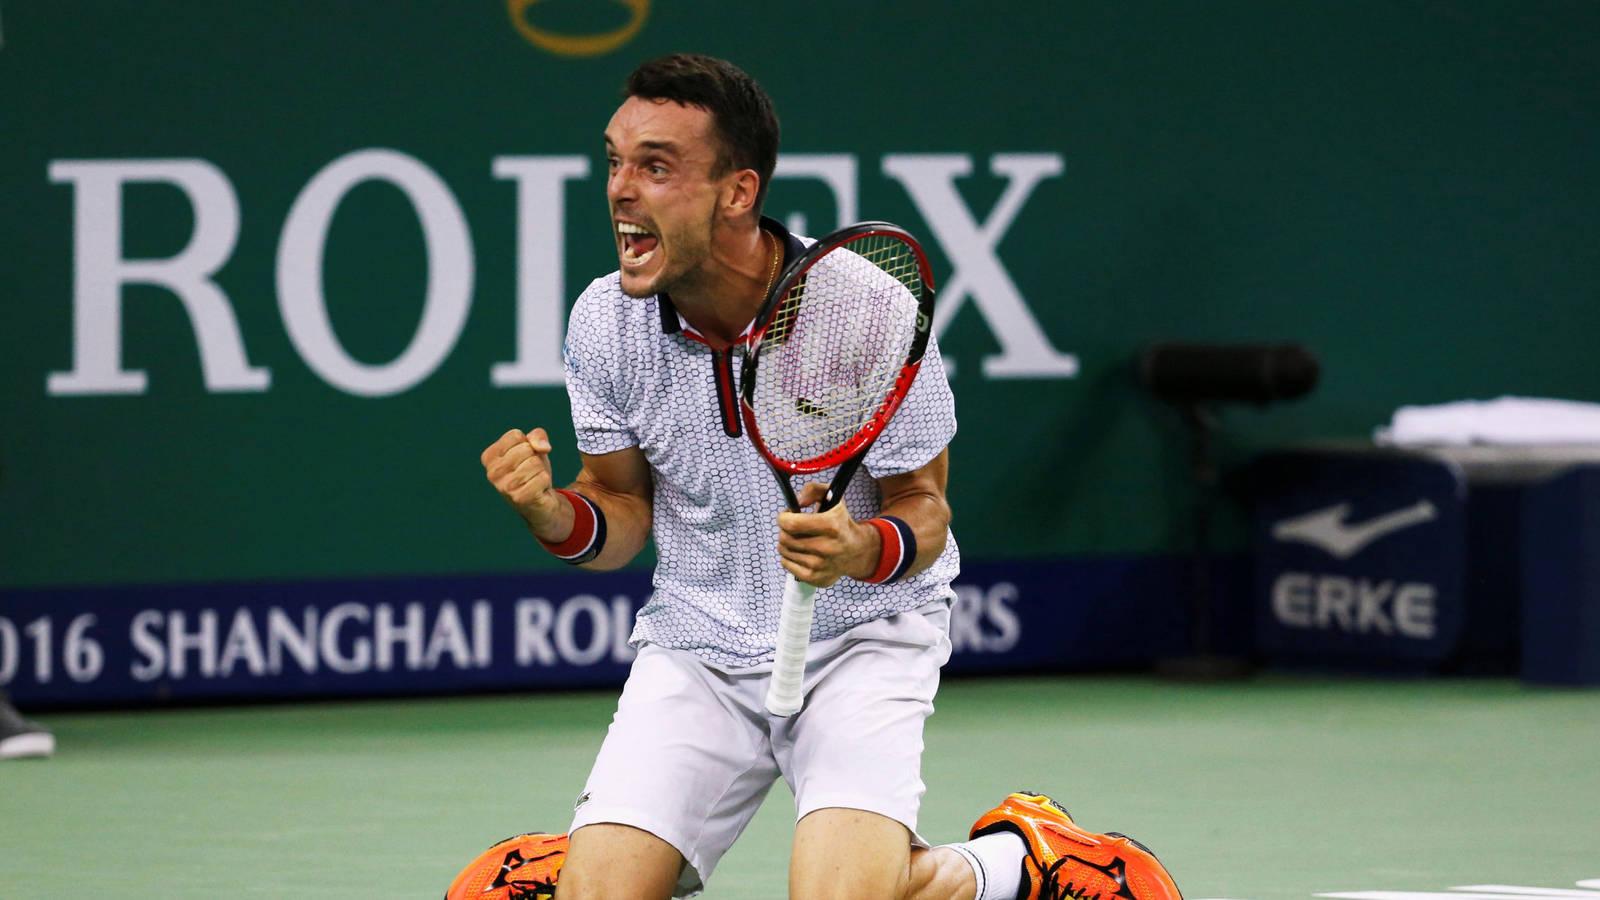 El tenista Roberto Bautista le pone fin a la ilusión suramericana | EL FRENTE